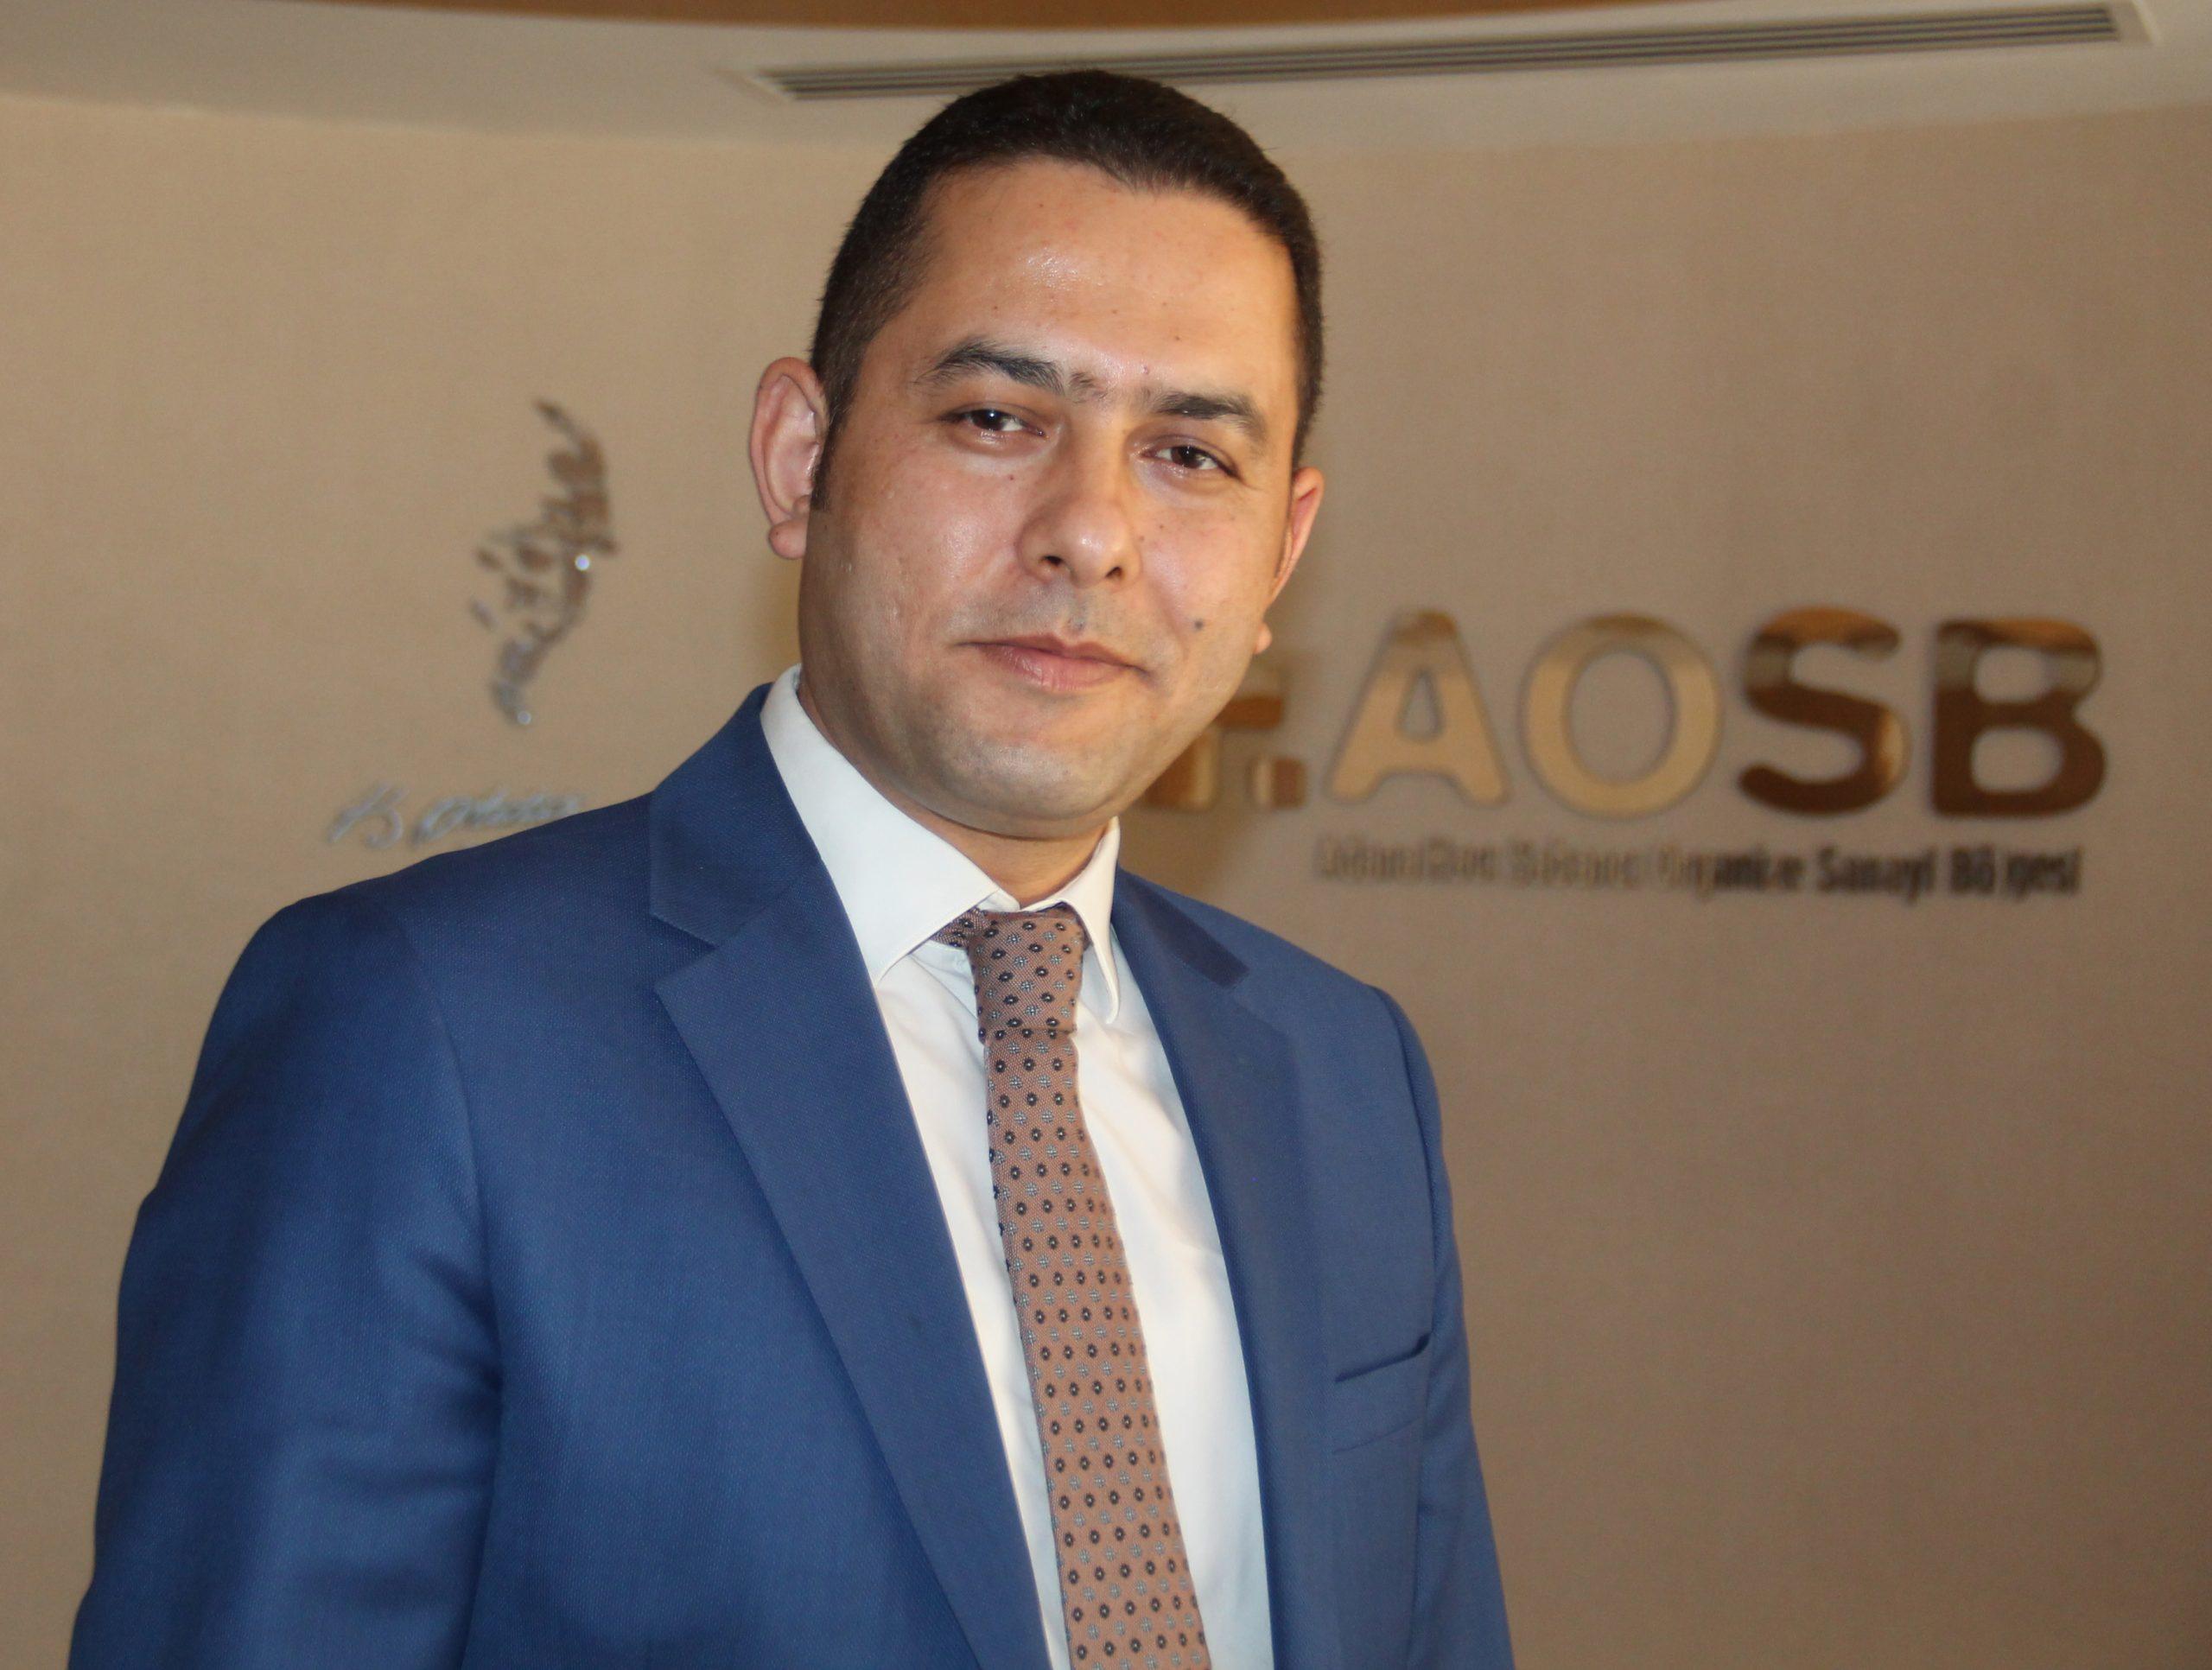 """Türkiye'nin ilk 3 büyük OSB'si olma yolunda hızla ilerleyen Adana OSB Bölge Müdürü Erksin Akpınar, sanayicilerine sadece sorunsuz ve kesintisiz üretim imkanı sunmakla kalmayıp, dünya pazarlarında en iyi şekilde tanıtımlarını sağlamak amacıyla OSEO (Organized Saerch Engine Optimization)"""" projesini hayata geçirdiklerini bildirdi."""